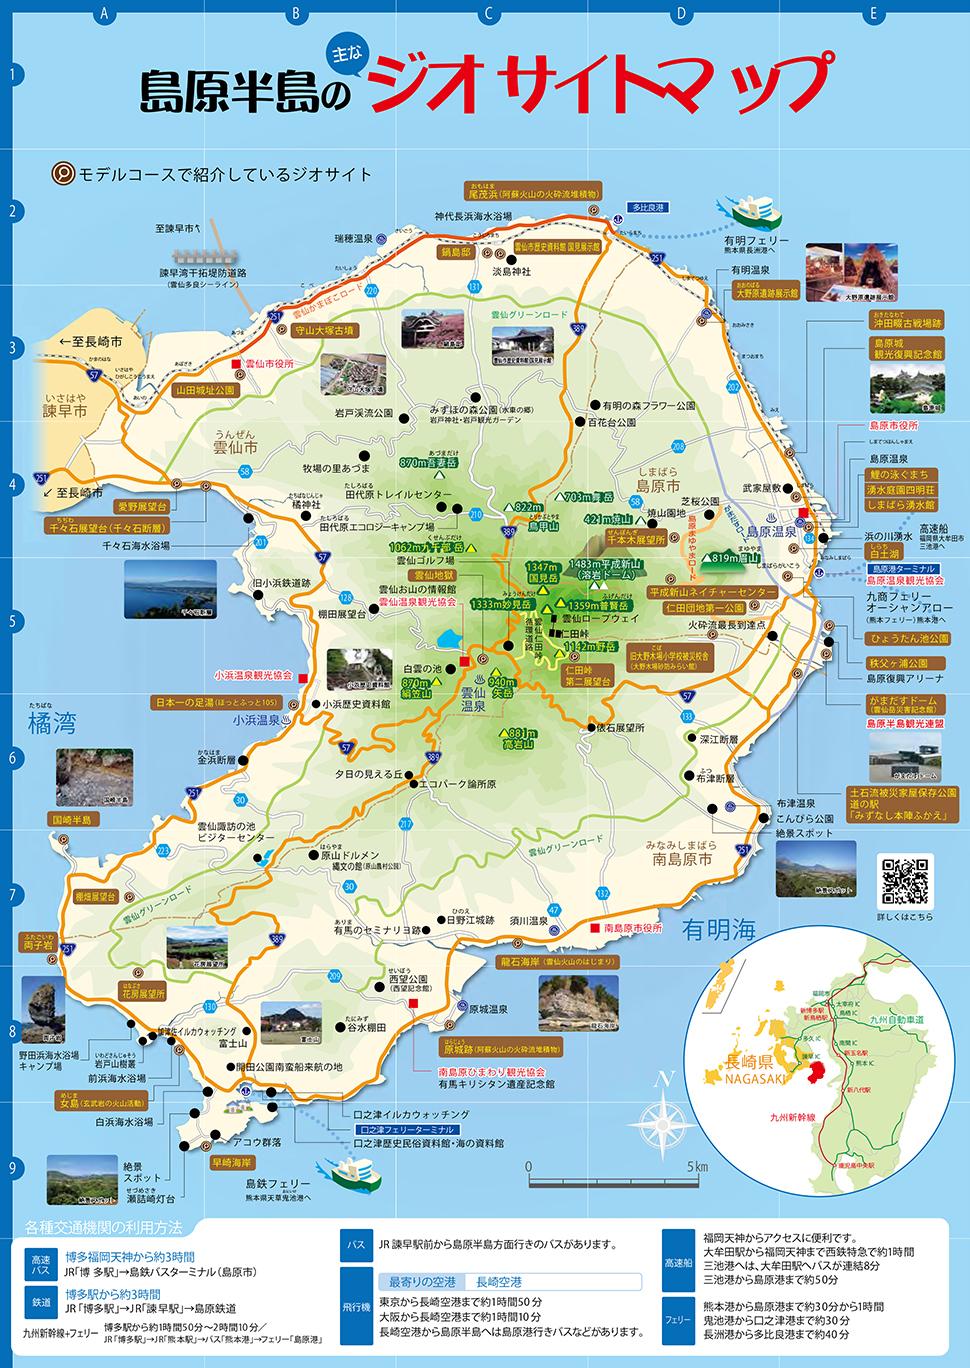 ジオサイトマップ